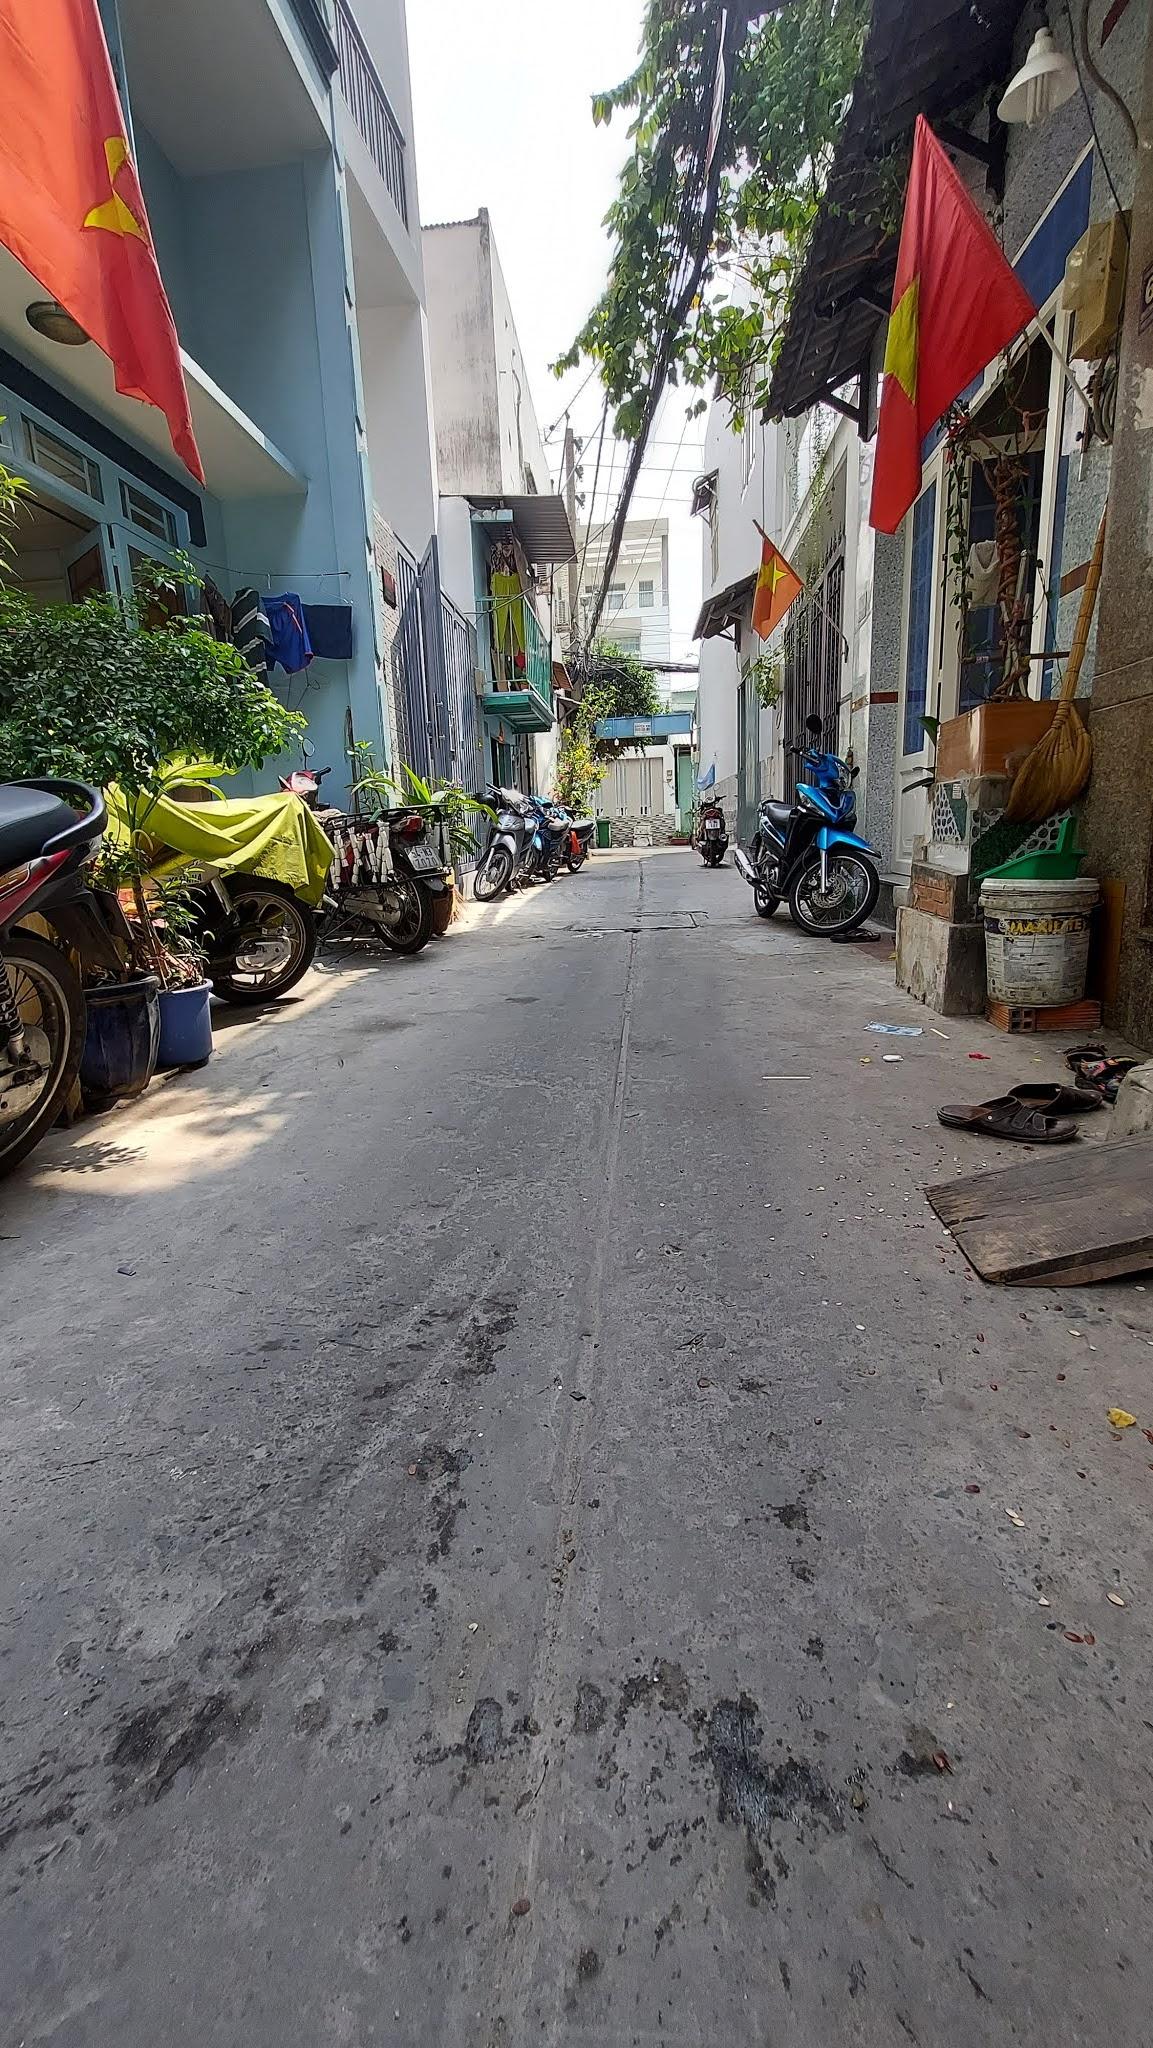 Bán nhà 1 lầu Đường số 12 quận Bình Tân dưới 3 tỷ mới nhất 2021